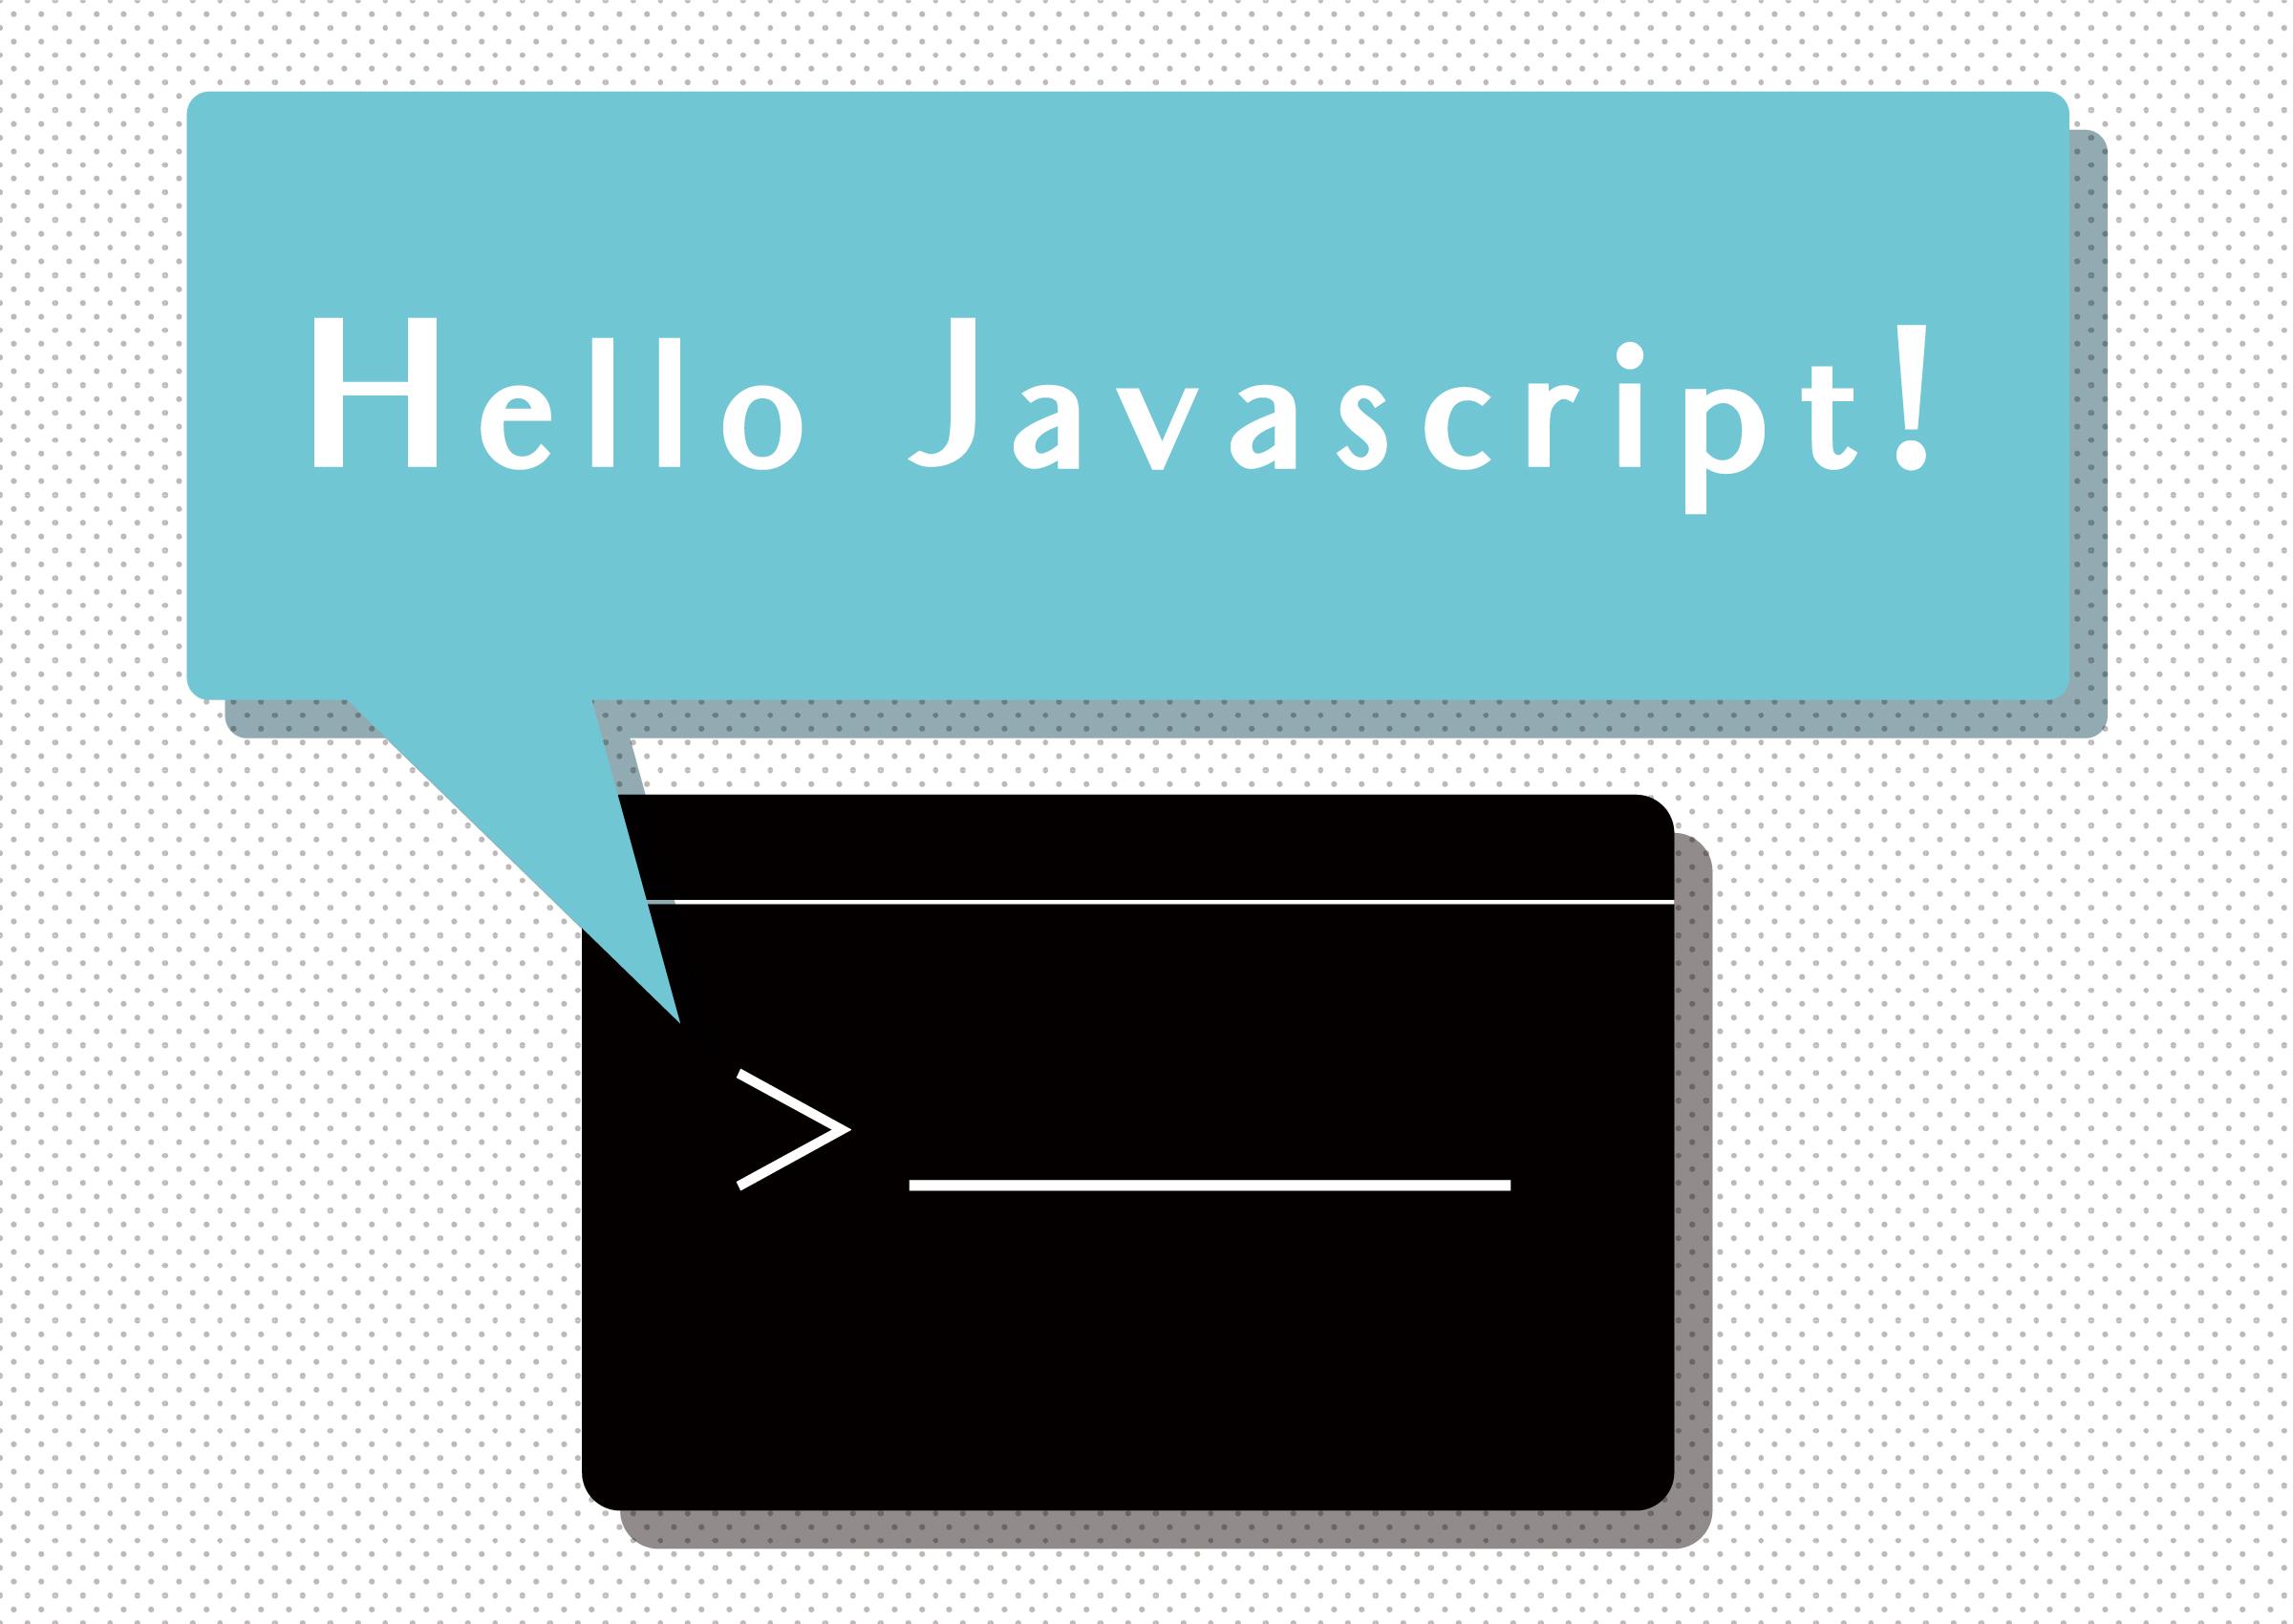 Javascriptでファイルを操作してみる